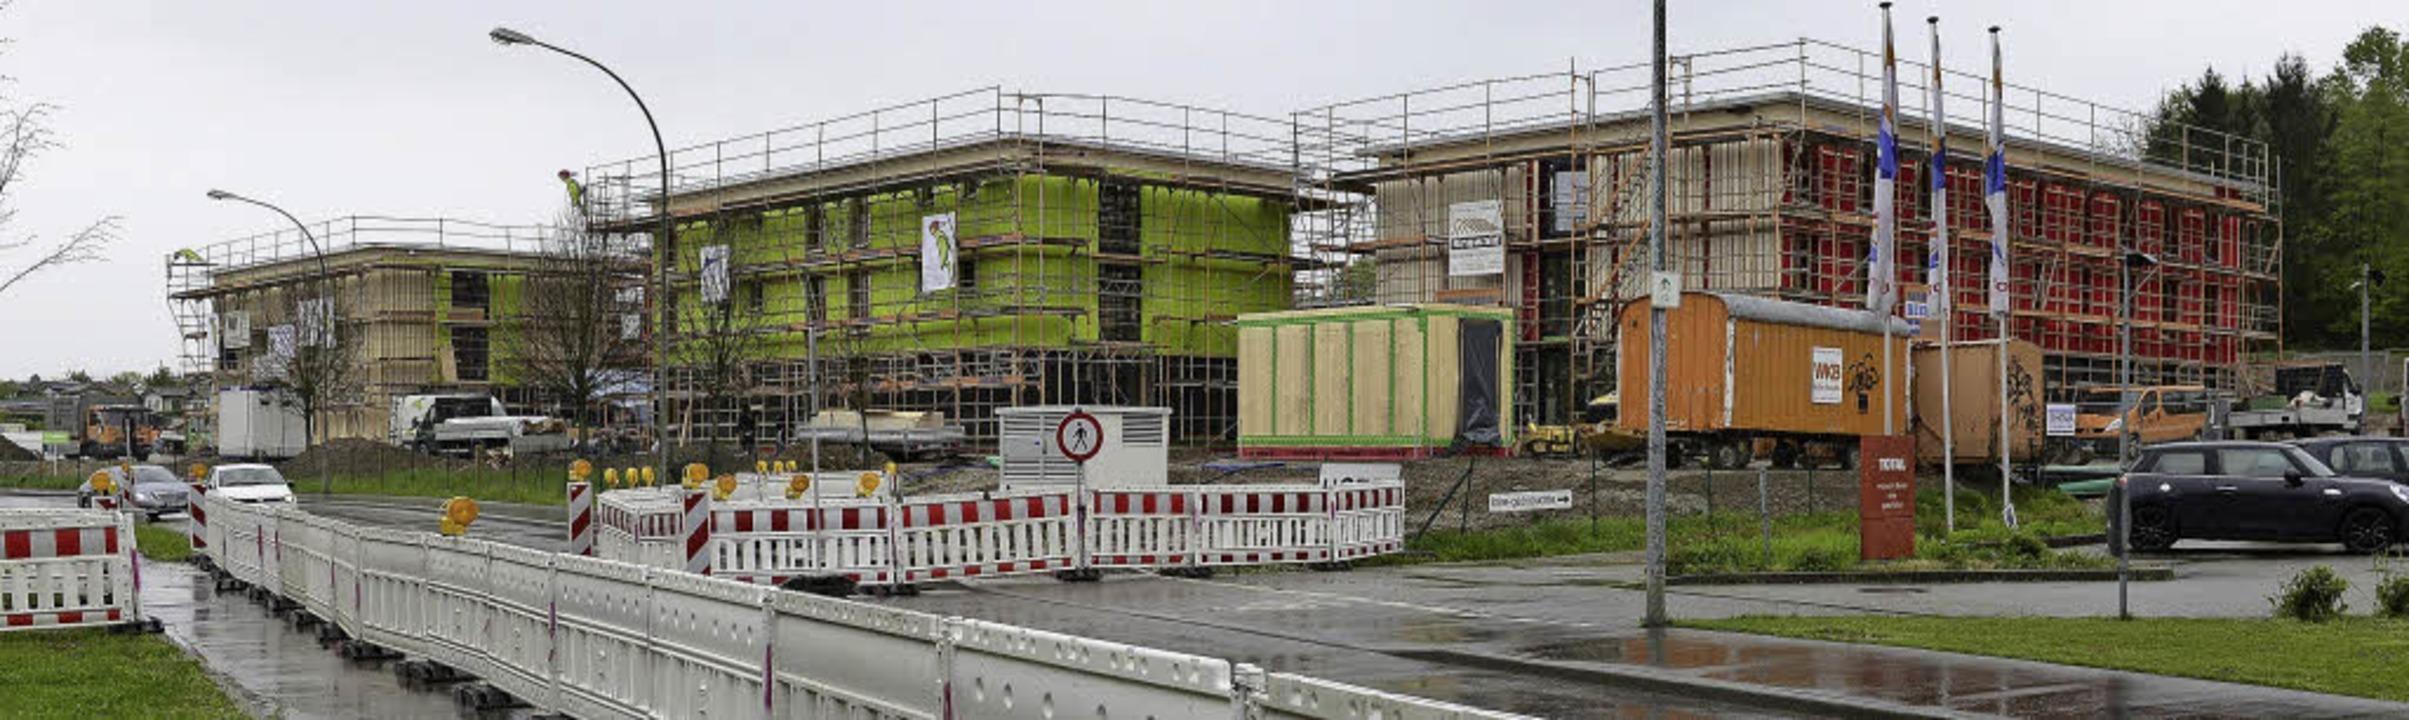 Noch im Bau: Die Flüchtlingsheime in Zähringen     Foto: ingo schneider